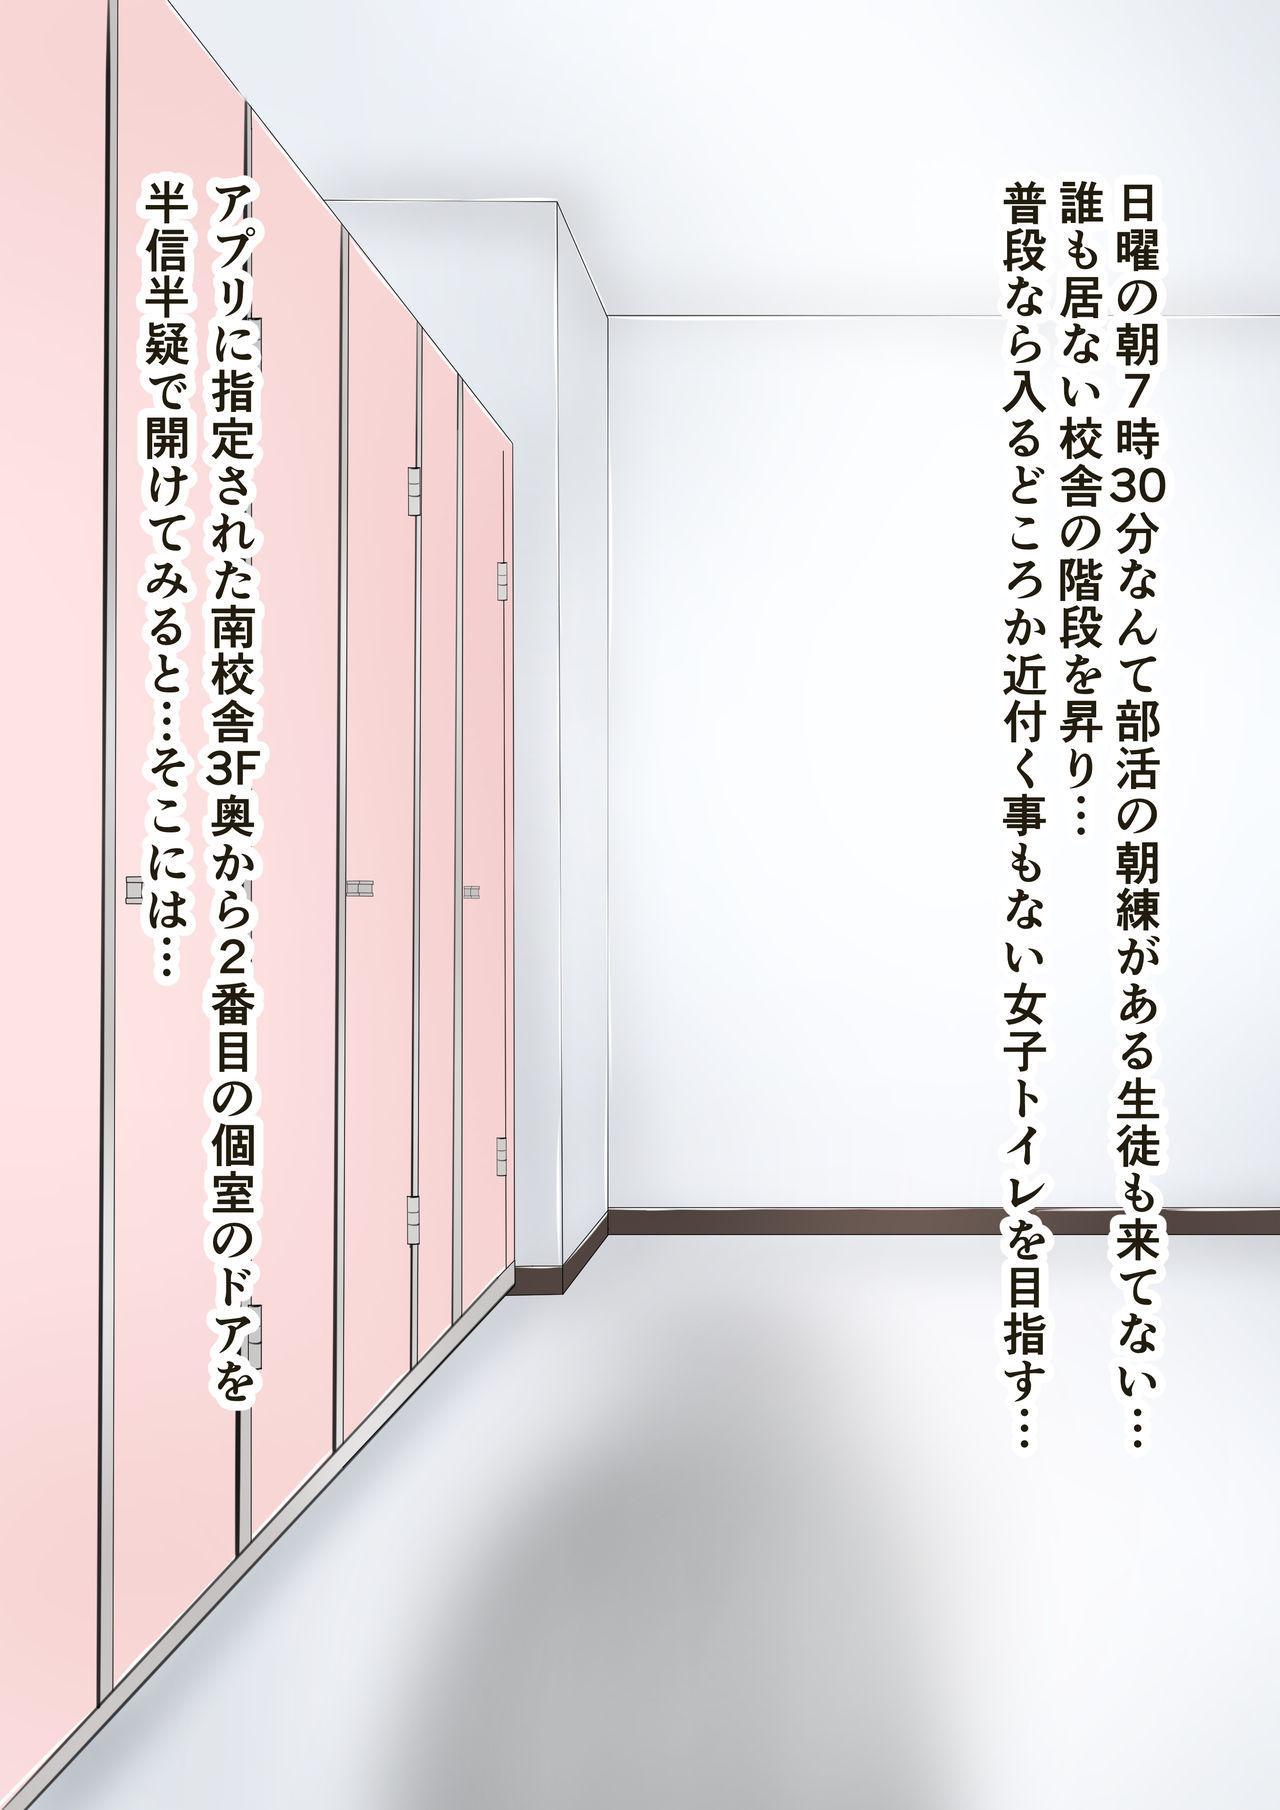 goshimeinikubennzyo-chan hukukaicyouhen 4